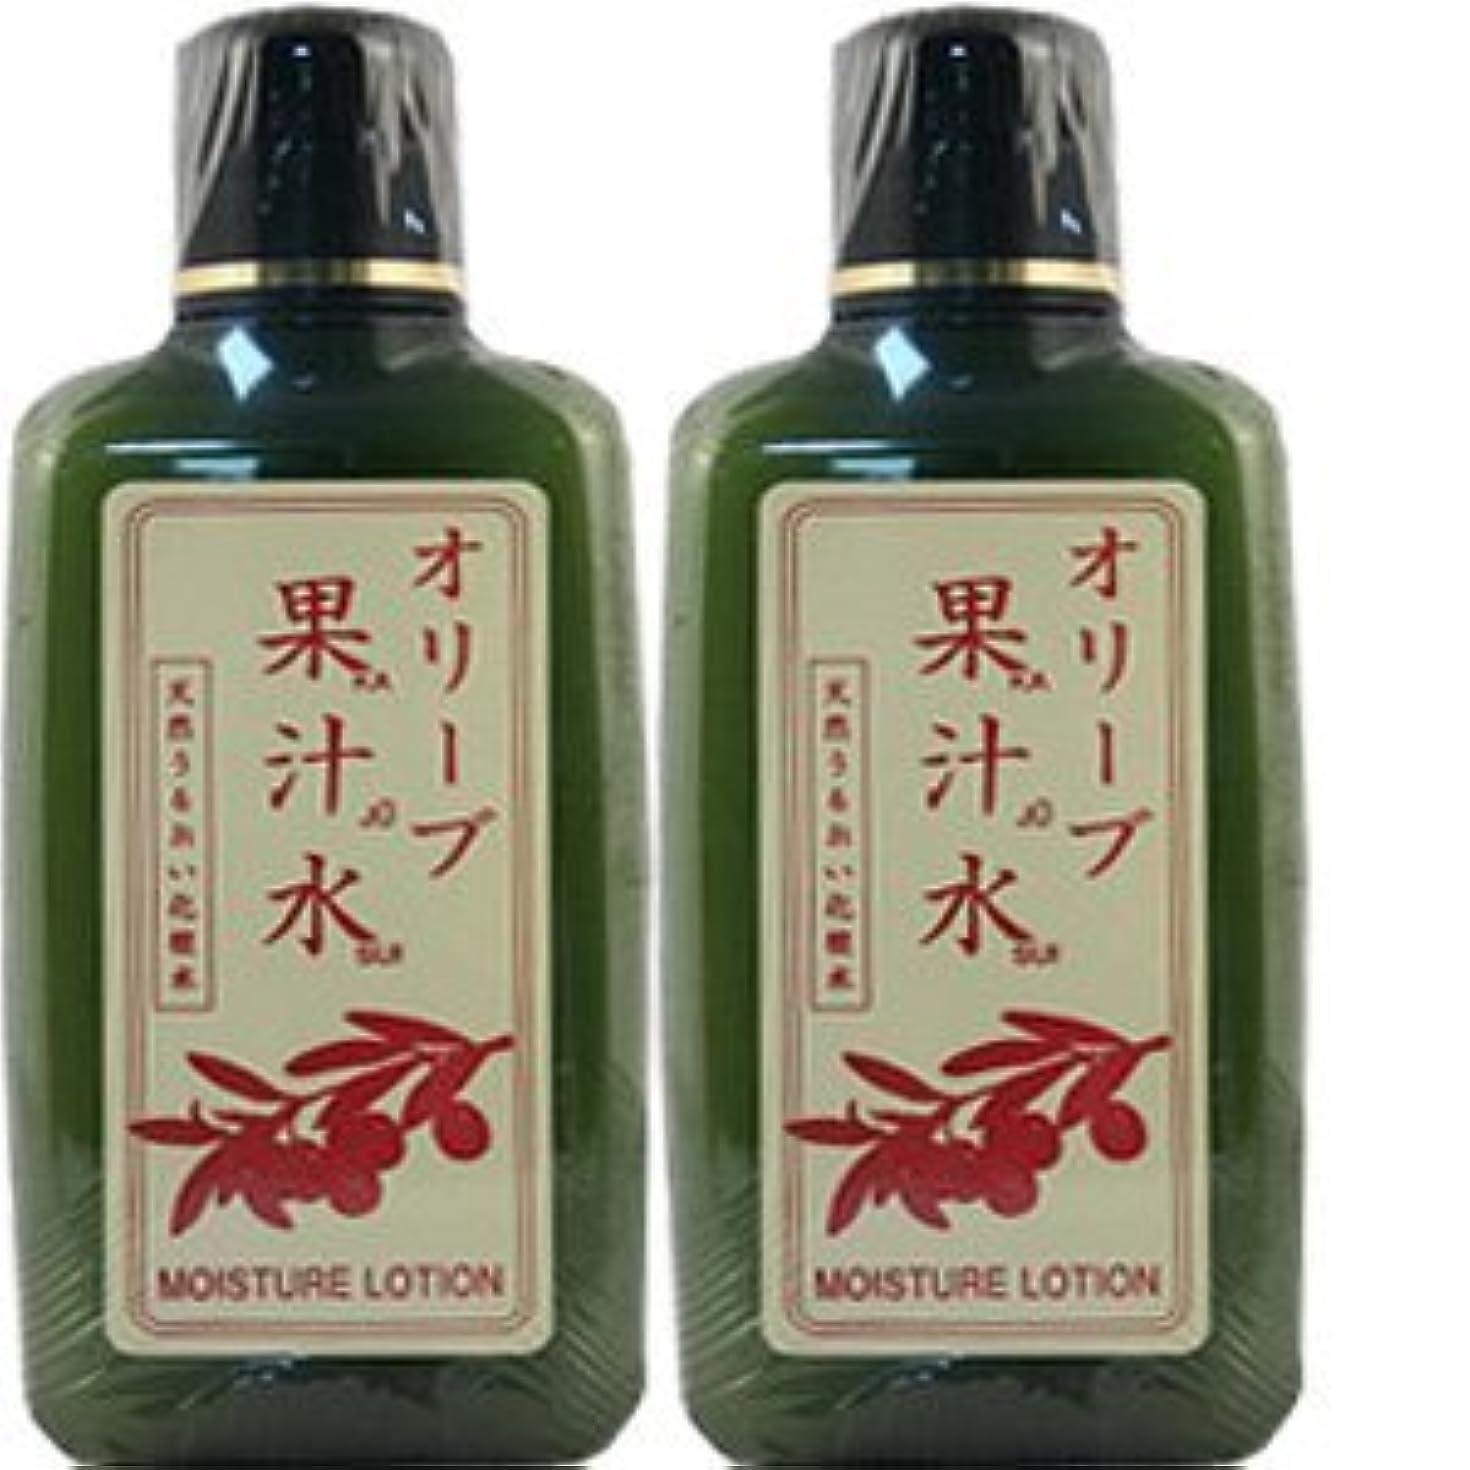 ステージ王位著作権【2本】 オリーブマノン オリーブ果汁水 180mlx2個(4965363003982)